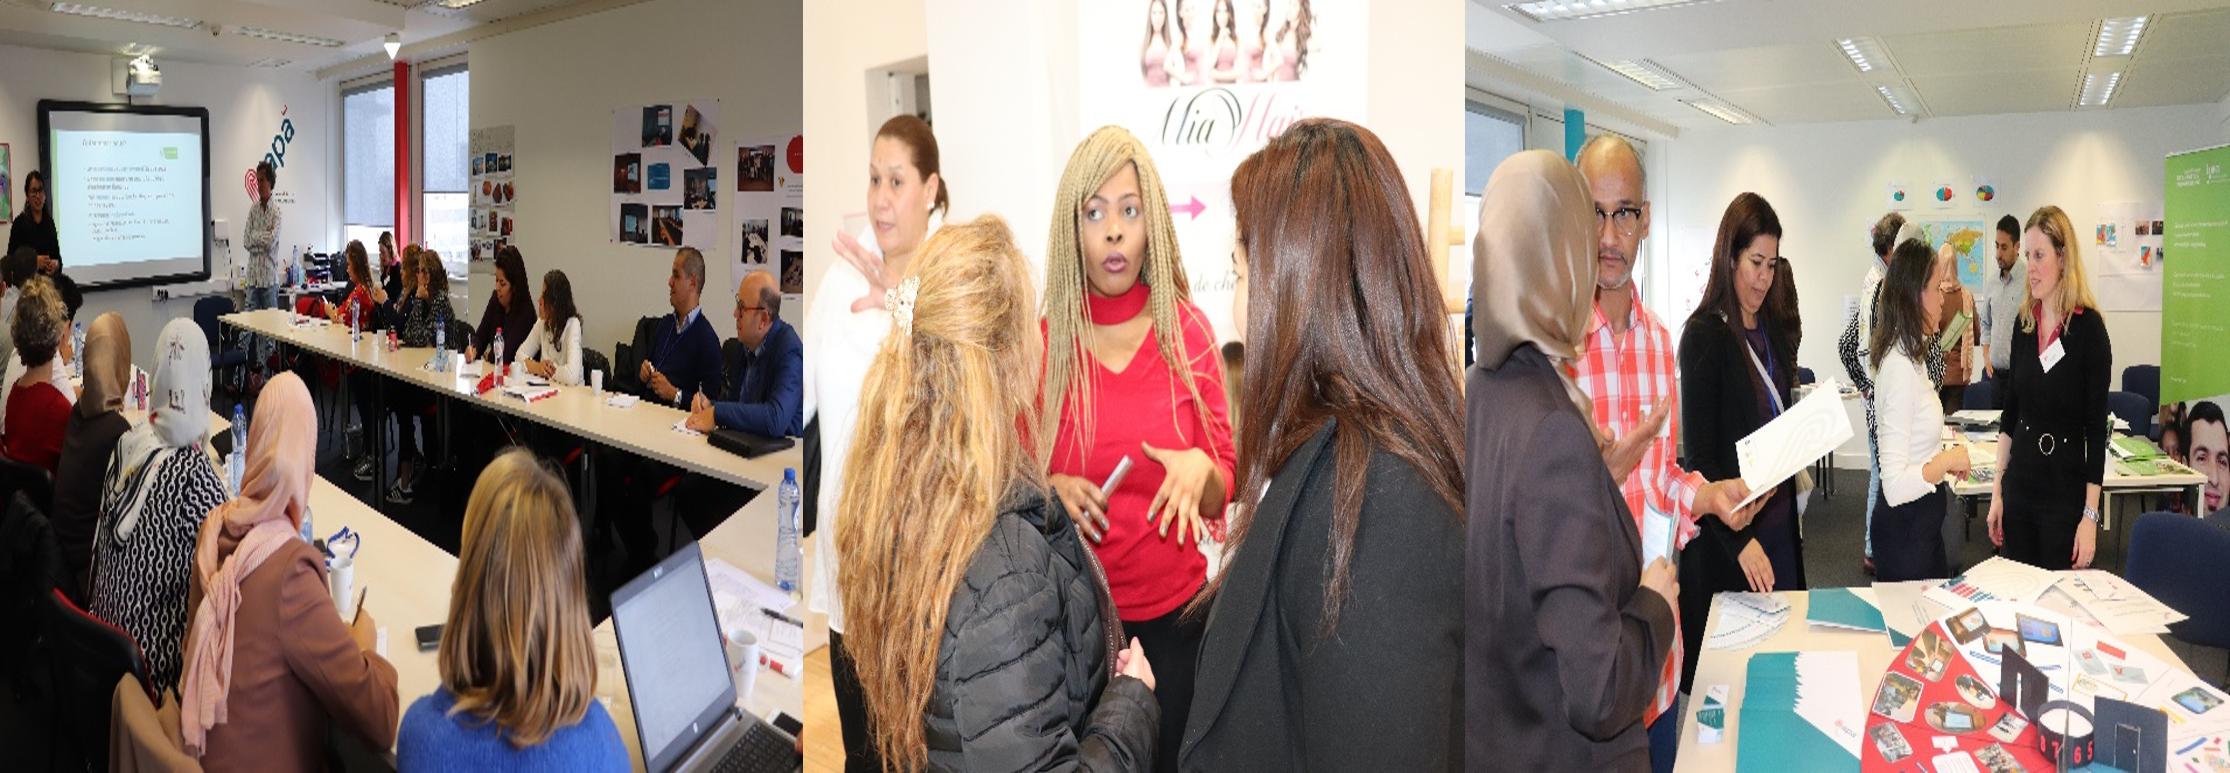 A la rencontre des acteurs clés qui assurent l'accompagnement des primo-arrivants en Belgique